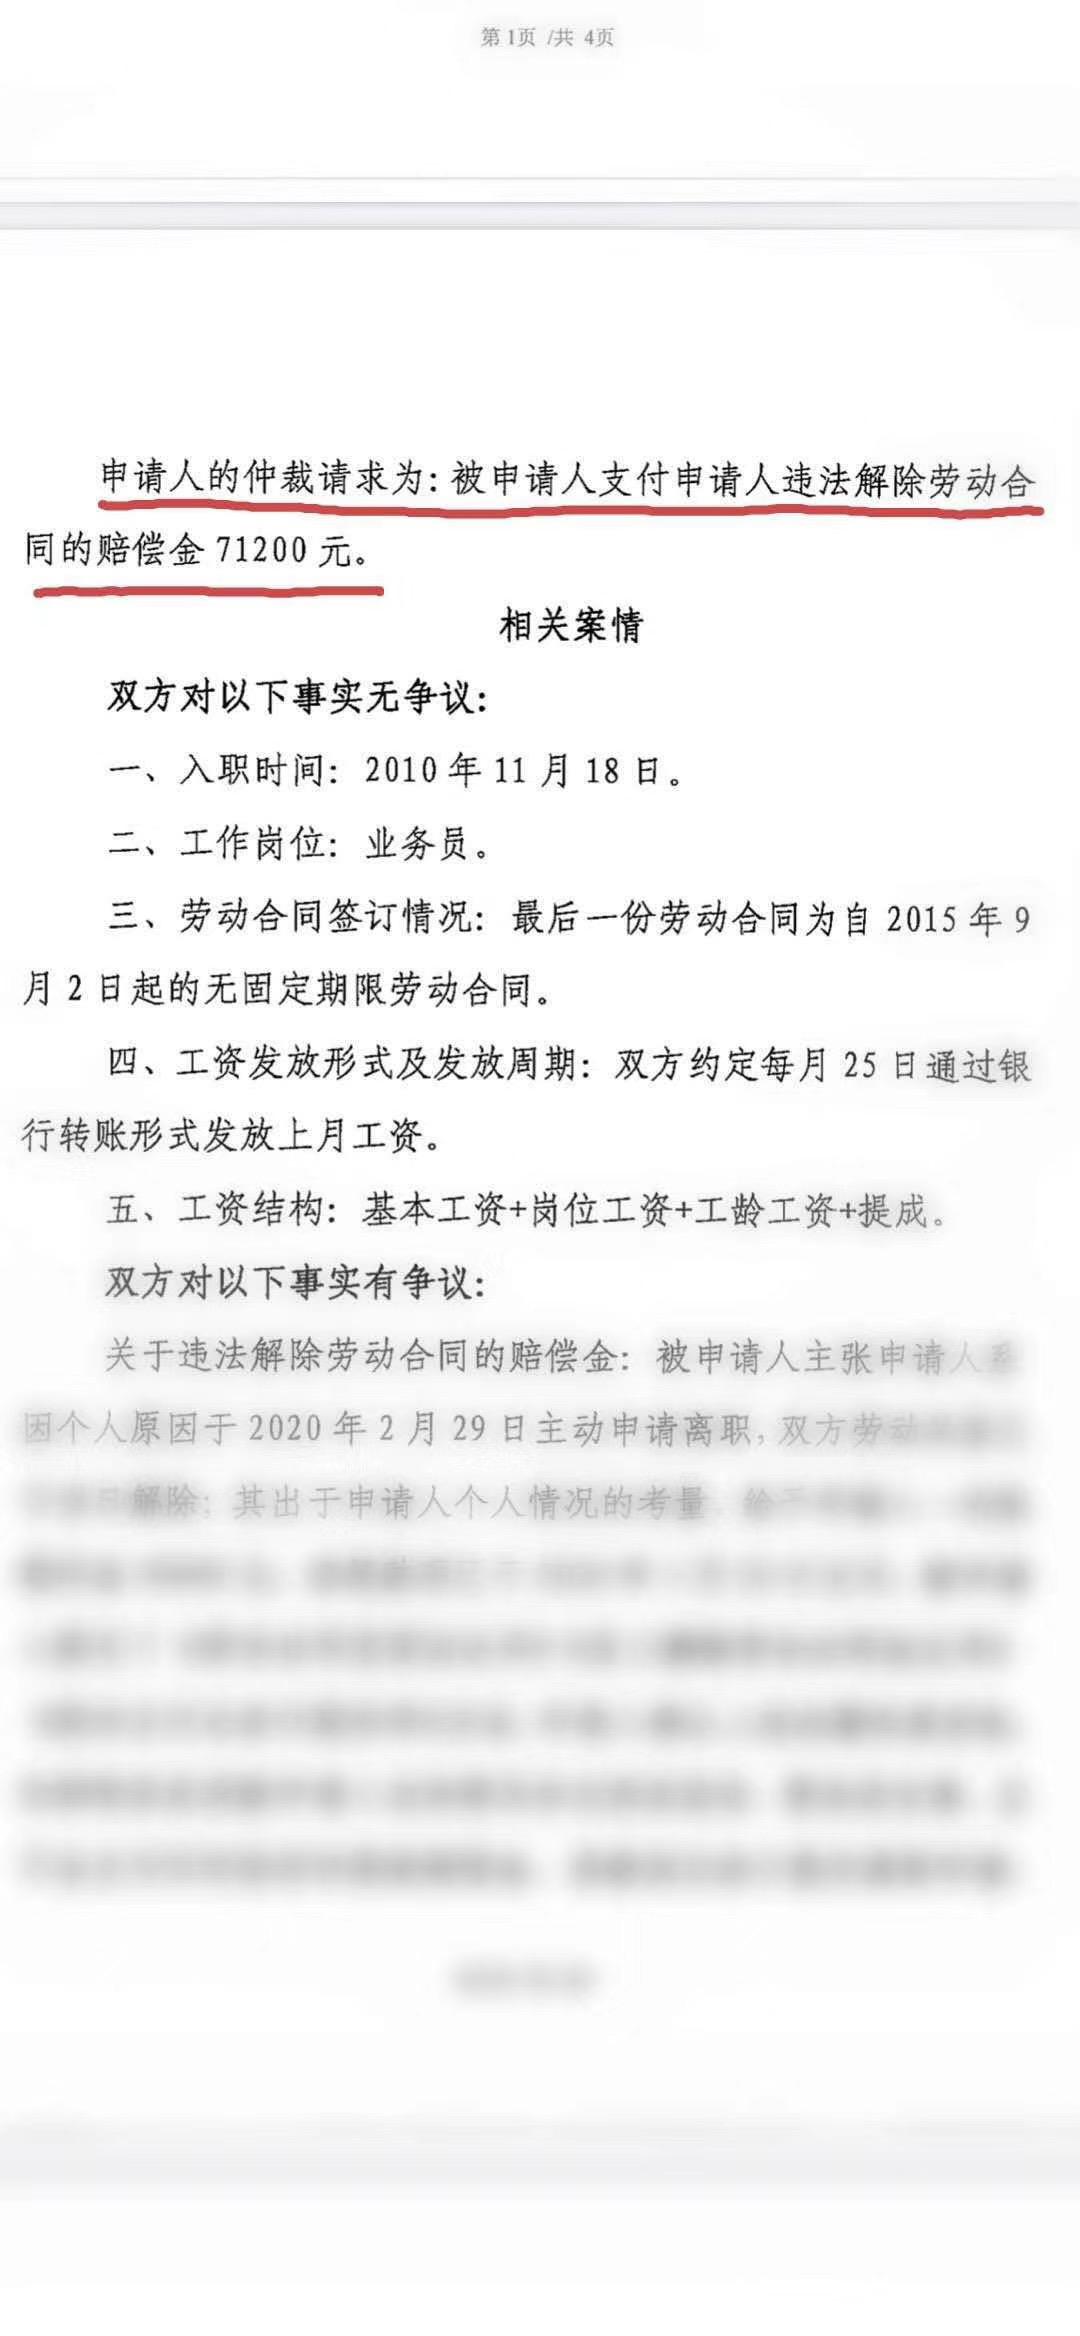 2020-12 胡某仲裁裁定書 2.jpg